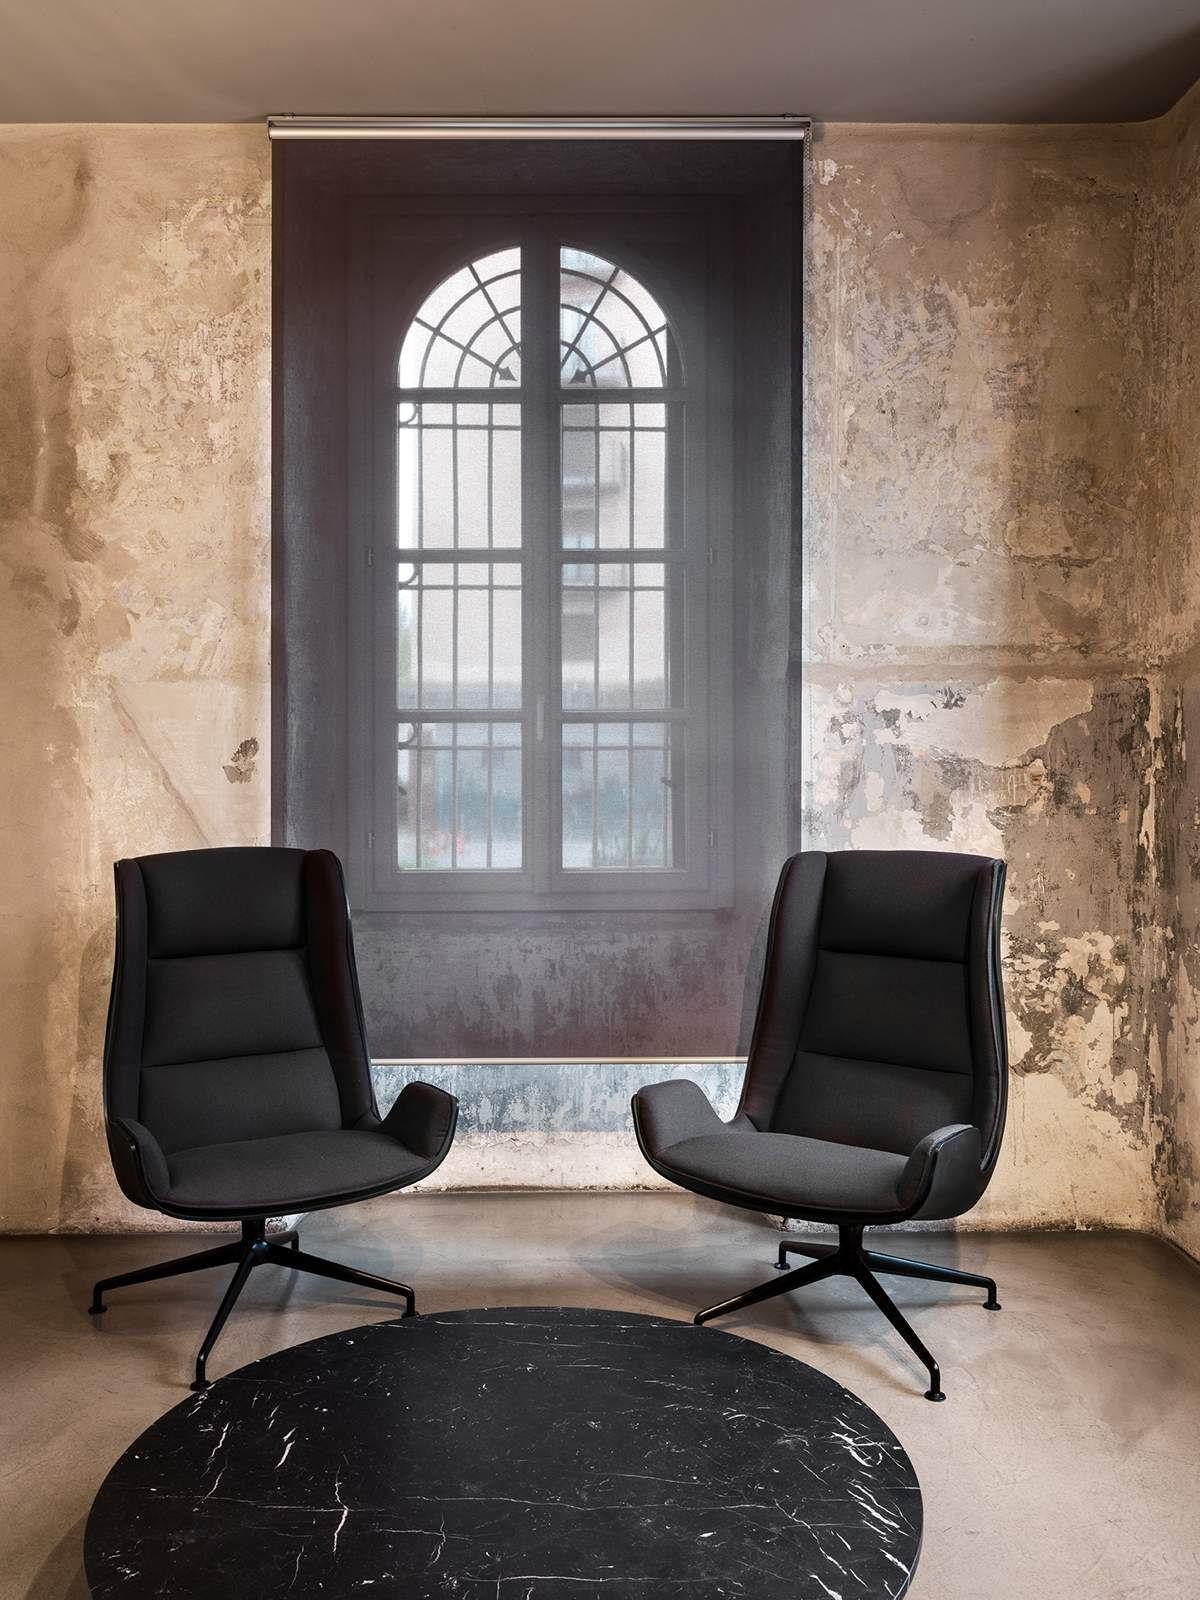 <strong>Aura</strong>, design Rainlight and Centro Progetti Tecno (Caselli-Fuorisalone 2019)